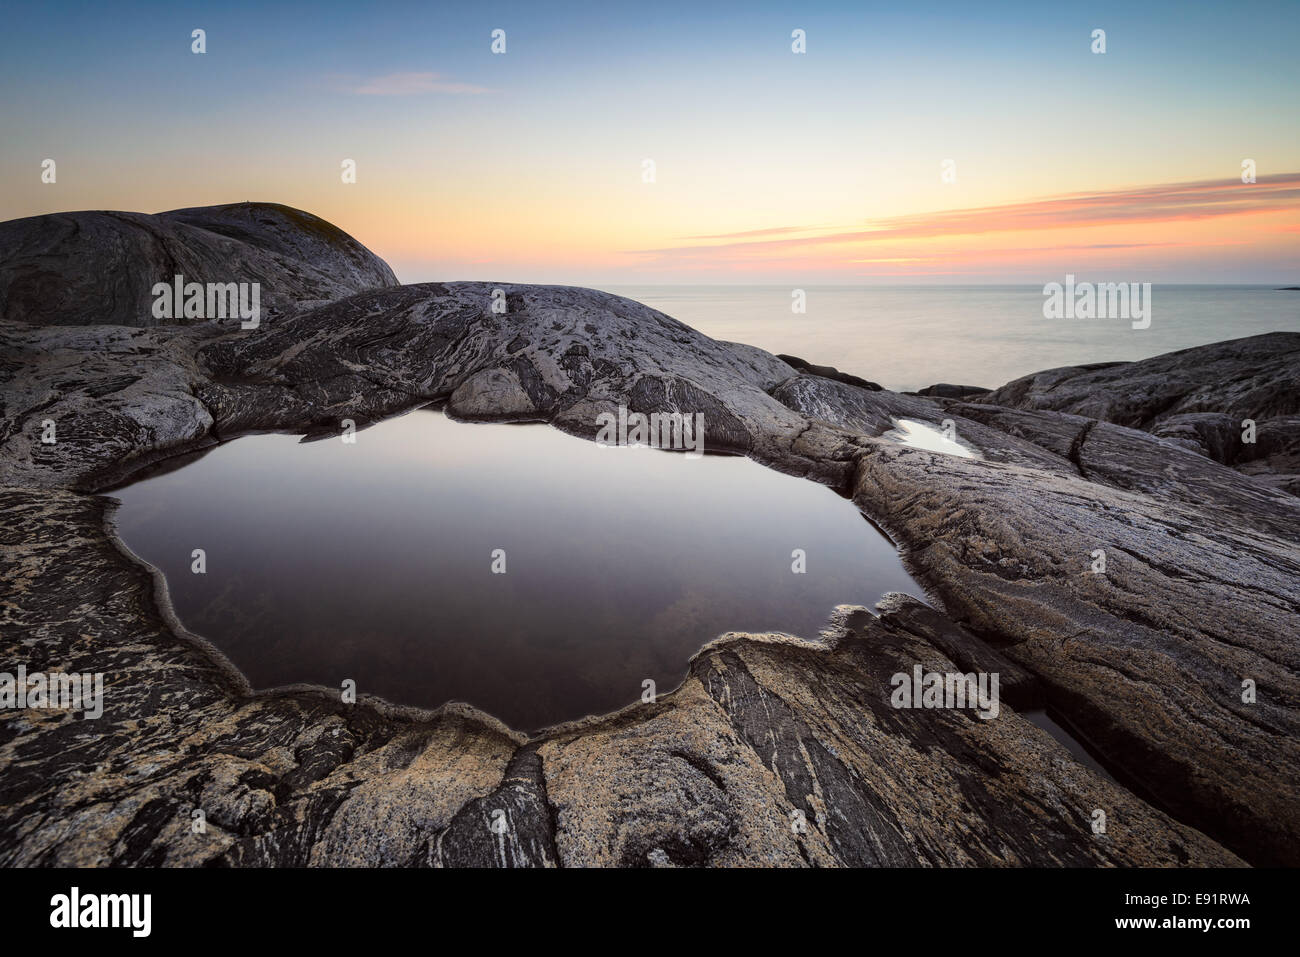 Marée lisse extérieure entourée de rock au coucher du soleil Photo Stock